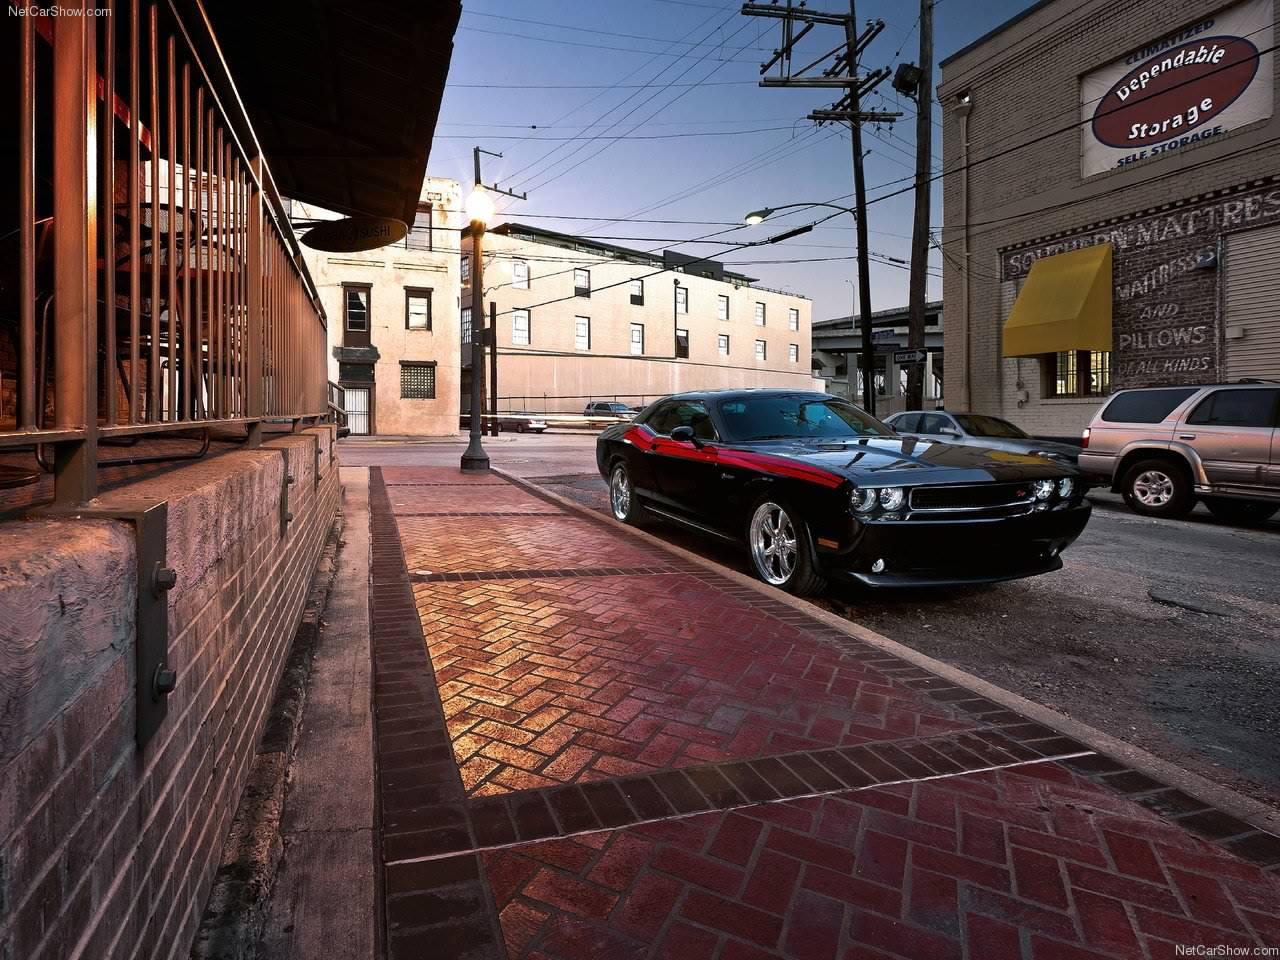 http://2.bp.blogspot.com/_1vrTNYggO-A/TQ5mBxAmxXI/AAAAAAAAAJw/o3q7DIDuX6c/s1600/Dodge-Challenger_RT_2011_1280x960_wallpaper_02.jpg